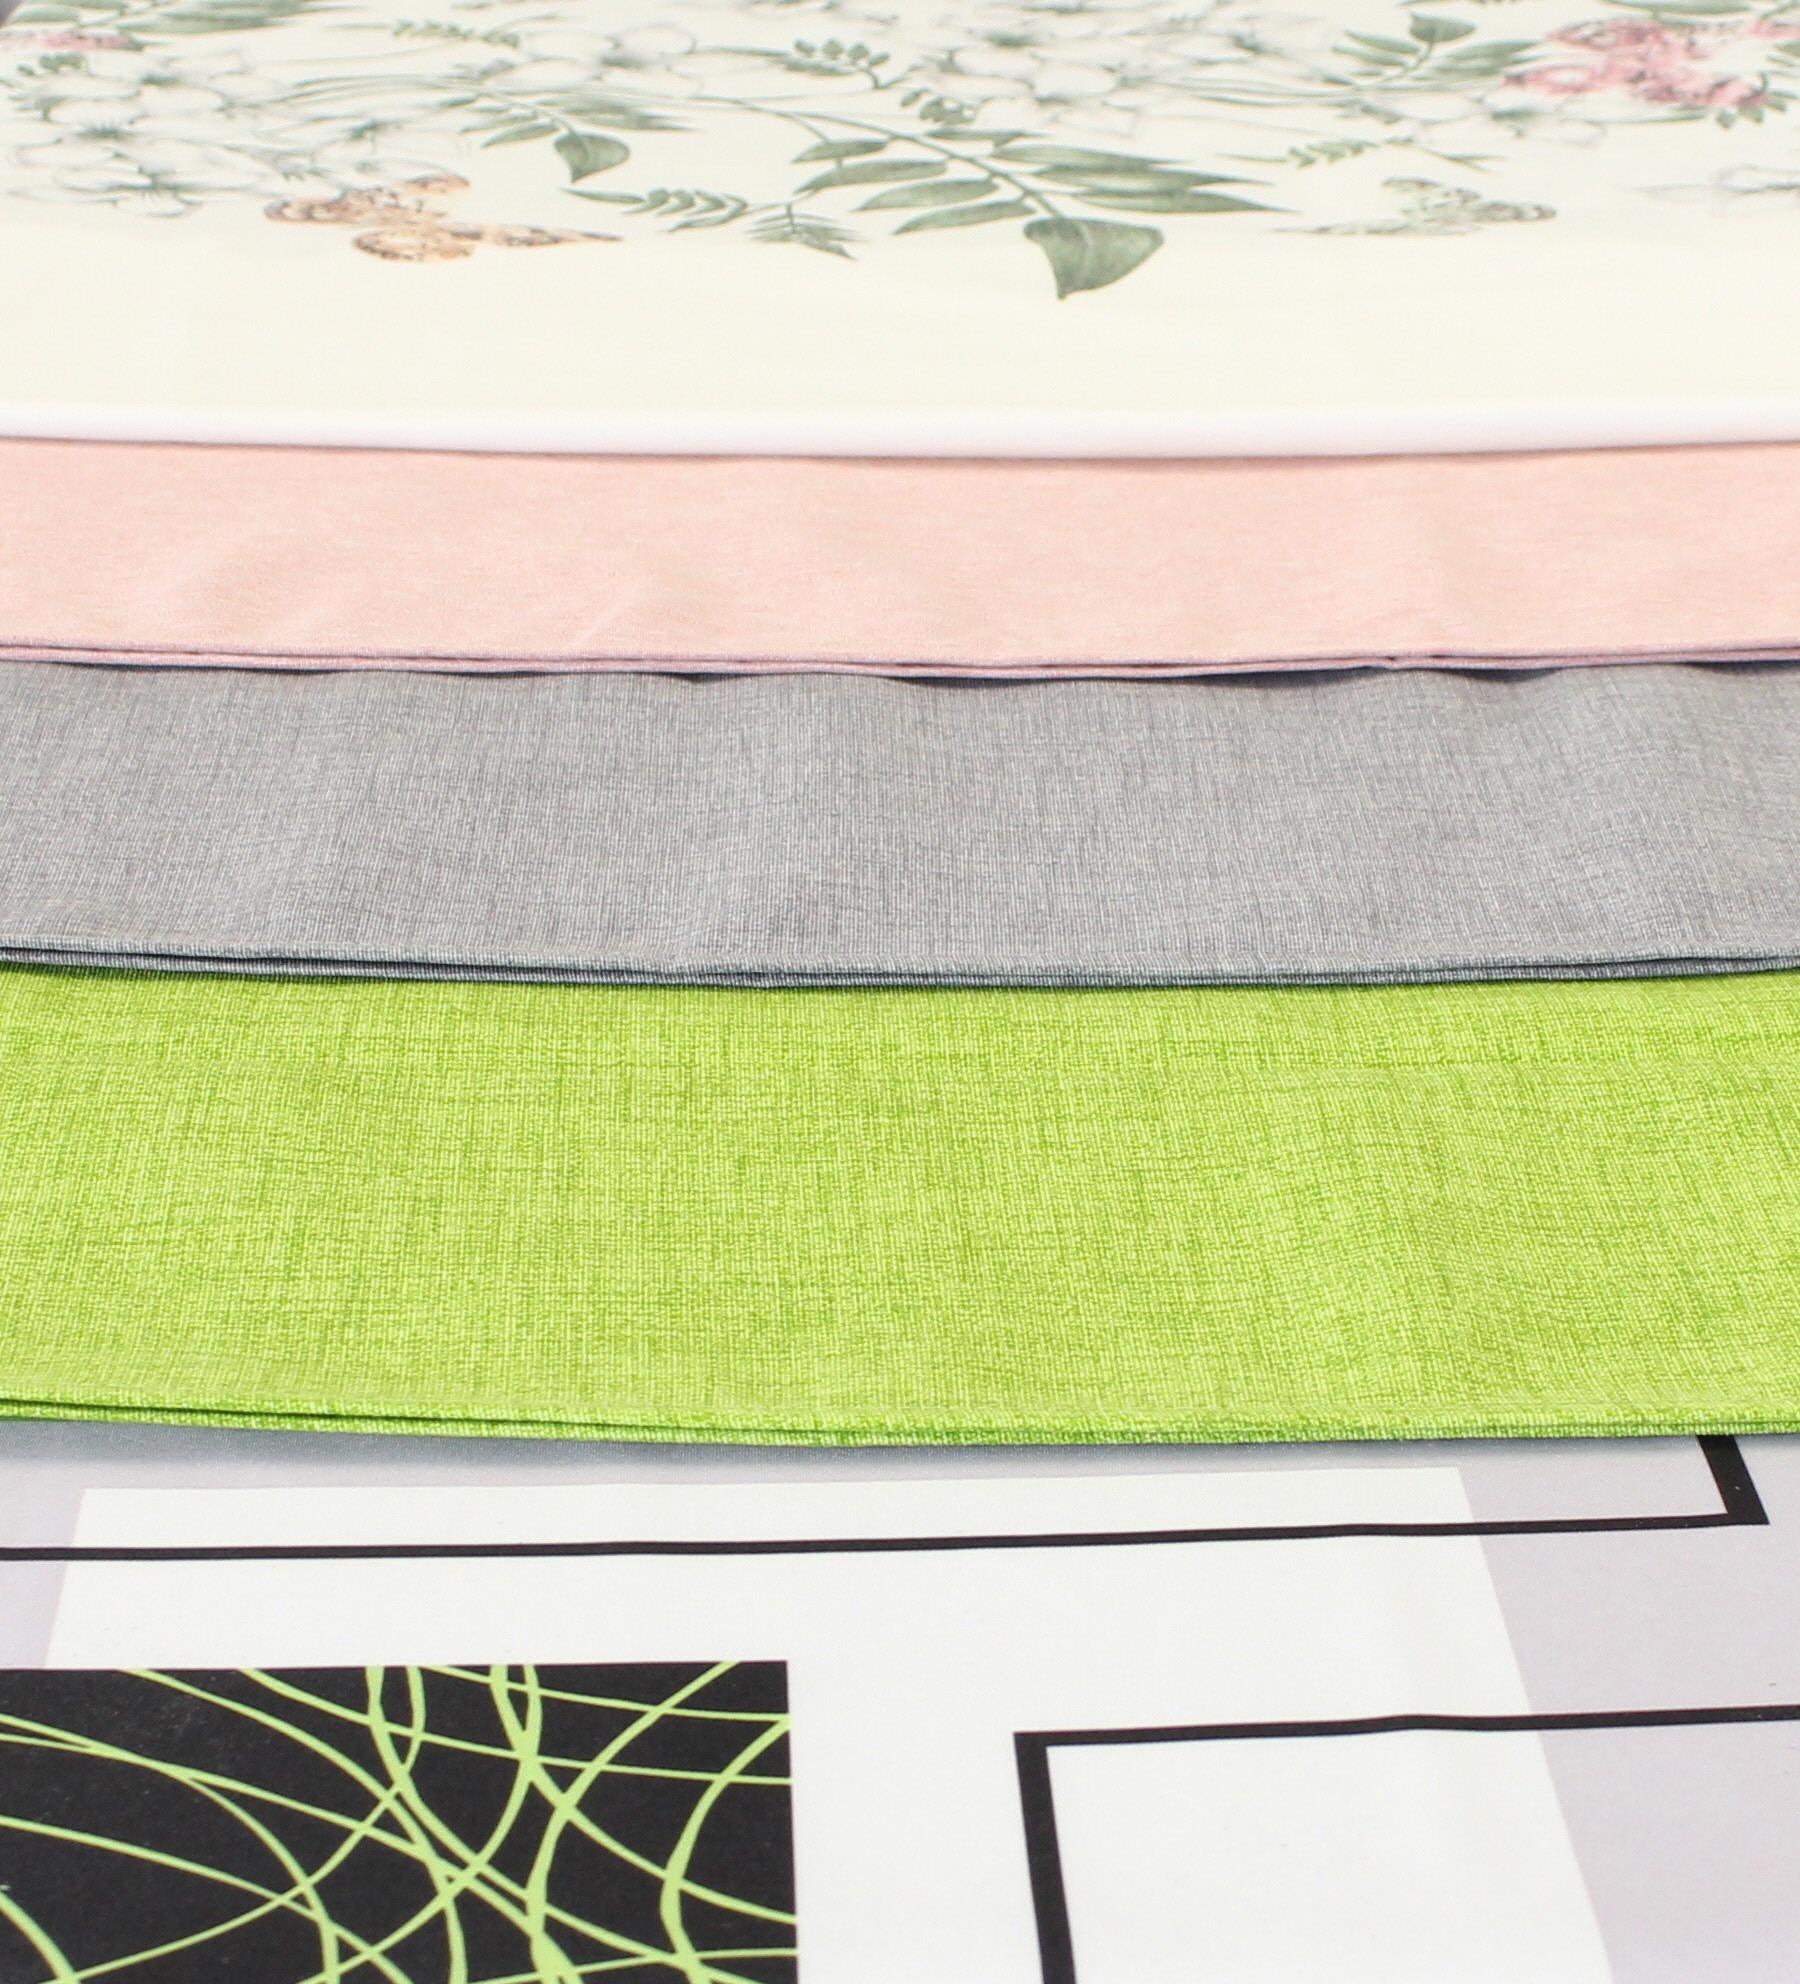 Tafeldecken als Tischdekoration zu festlichen Anlässen